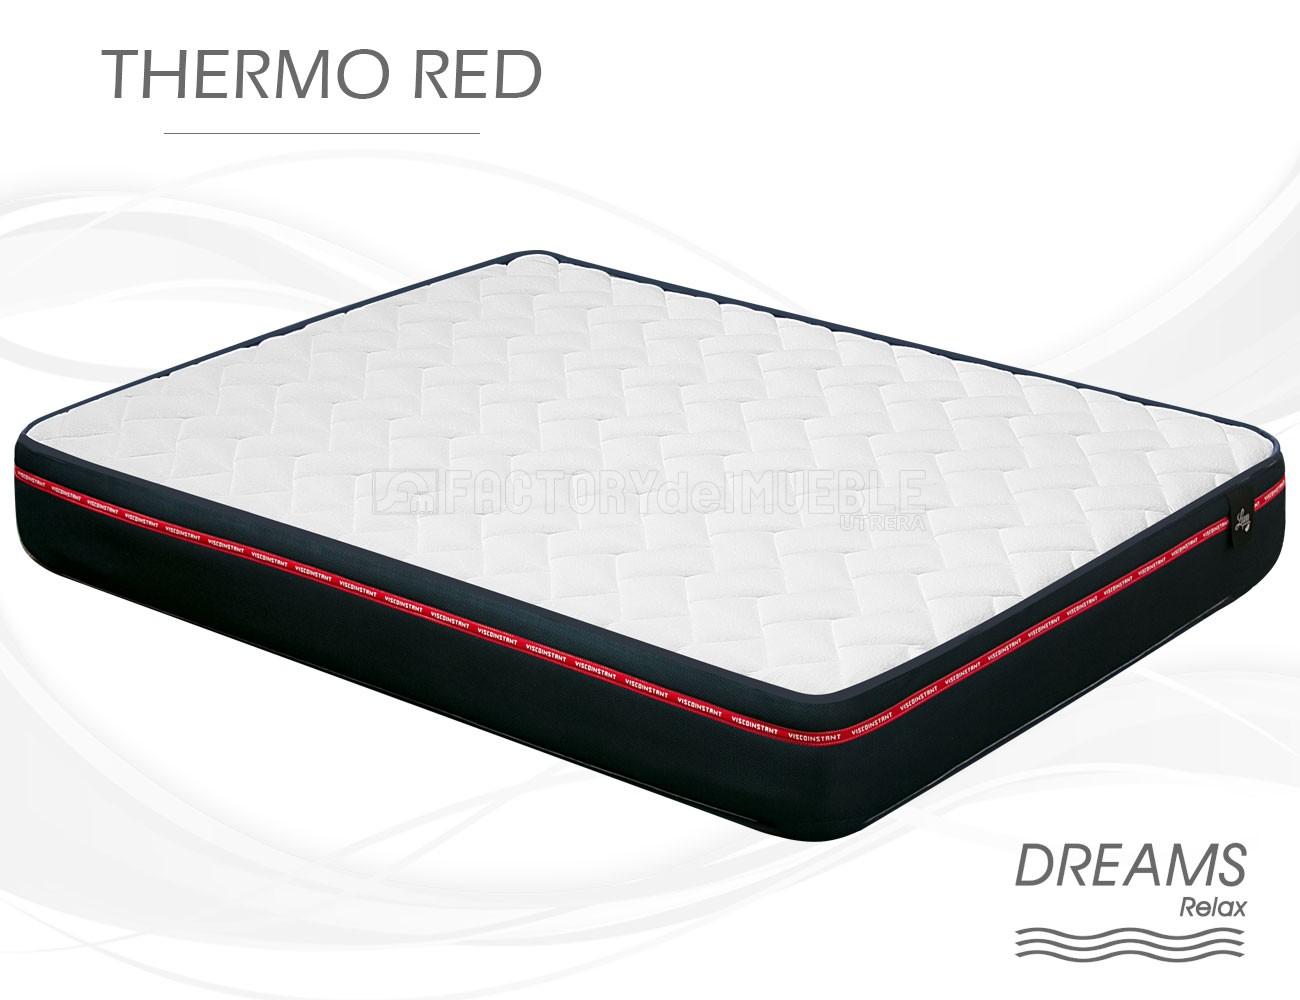 Colchón Thermo Red de Dreams Relax